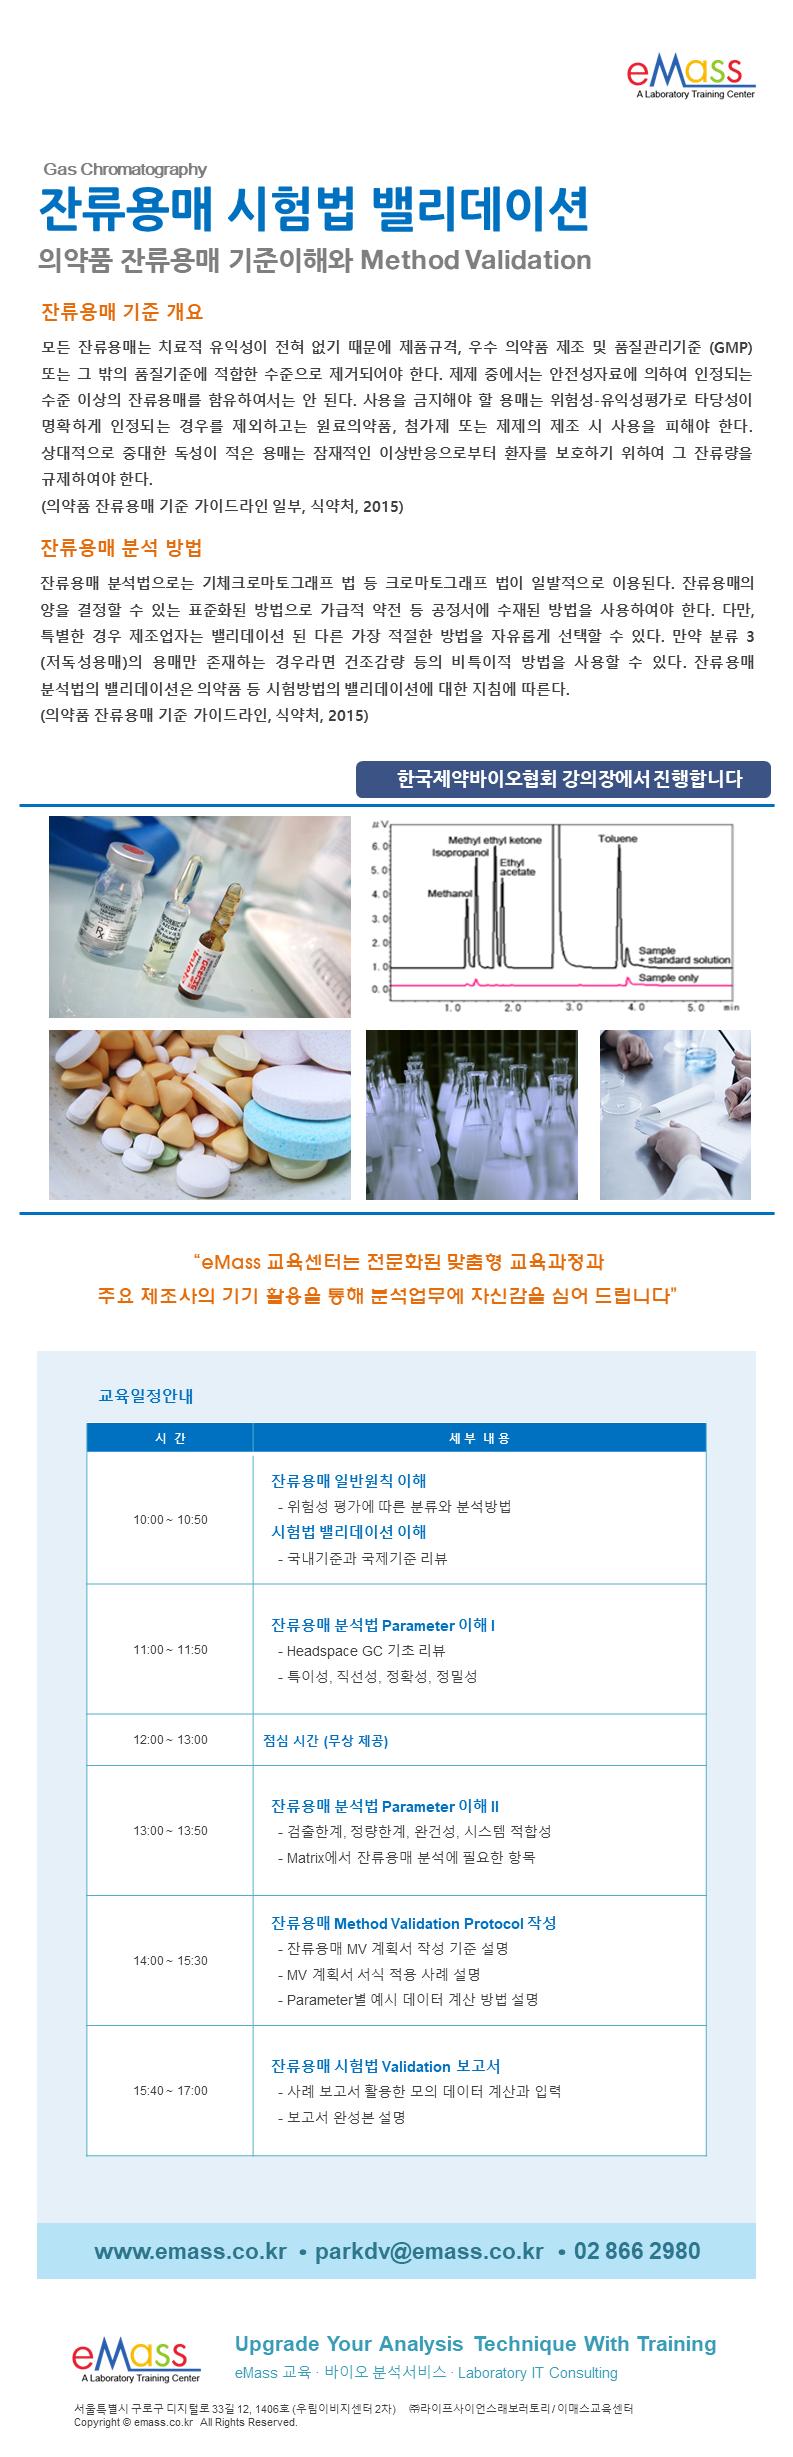 잔류용매 시험법 기준이해와 잔류용매 MV.png